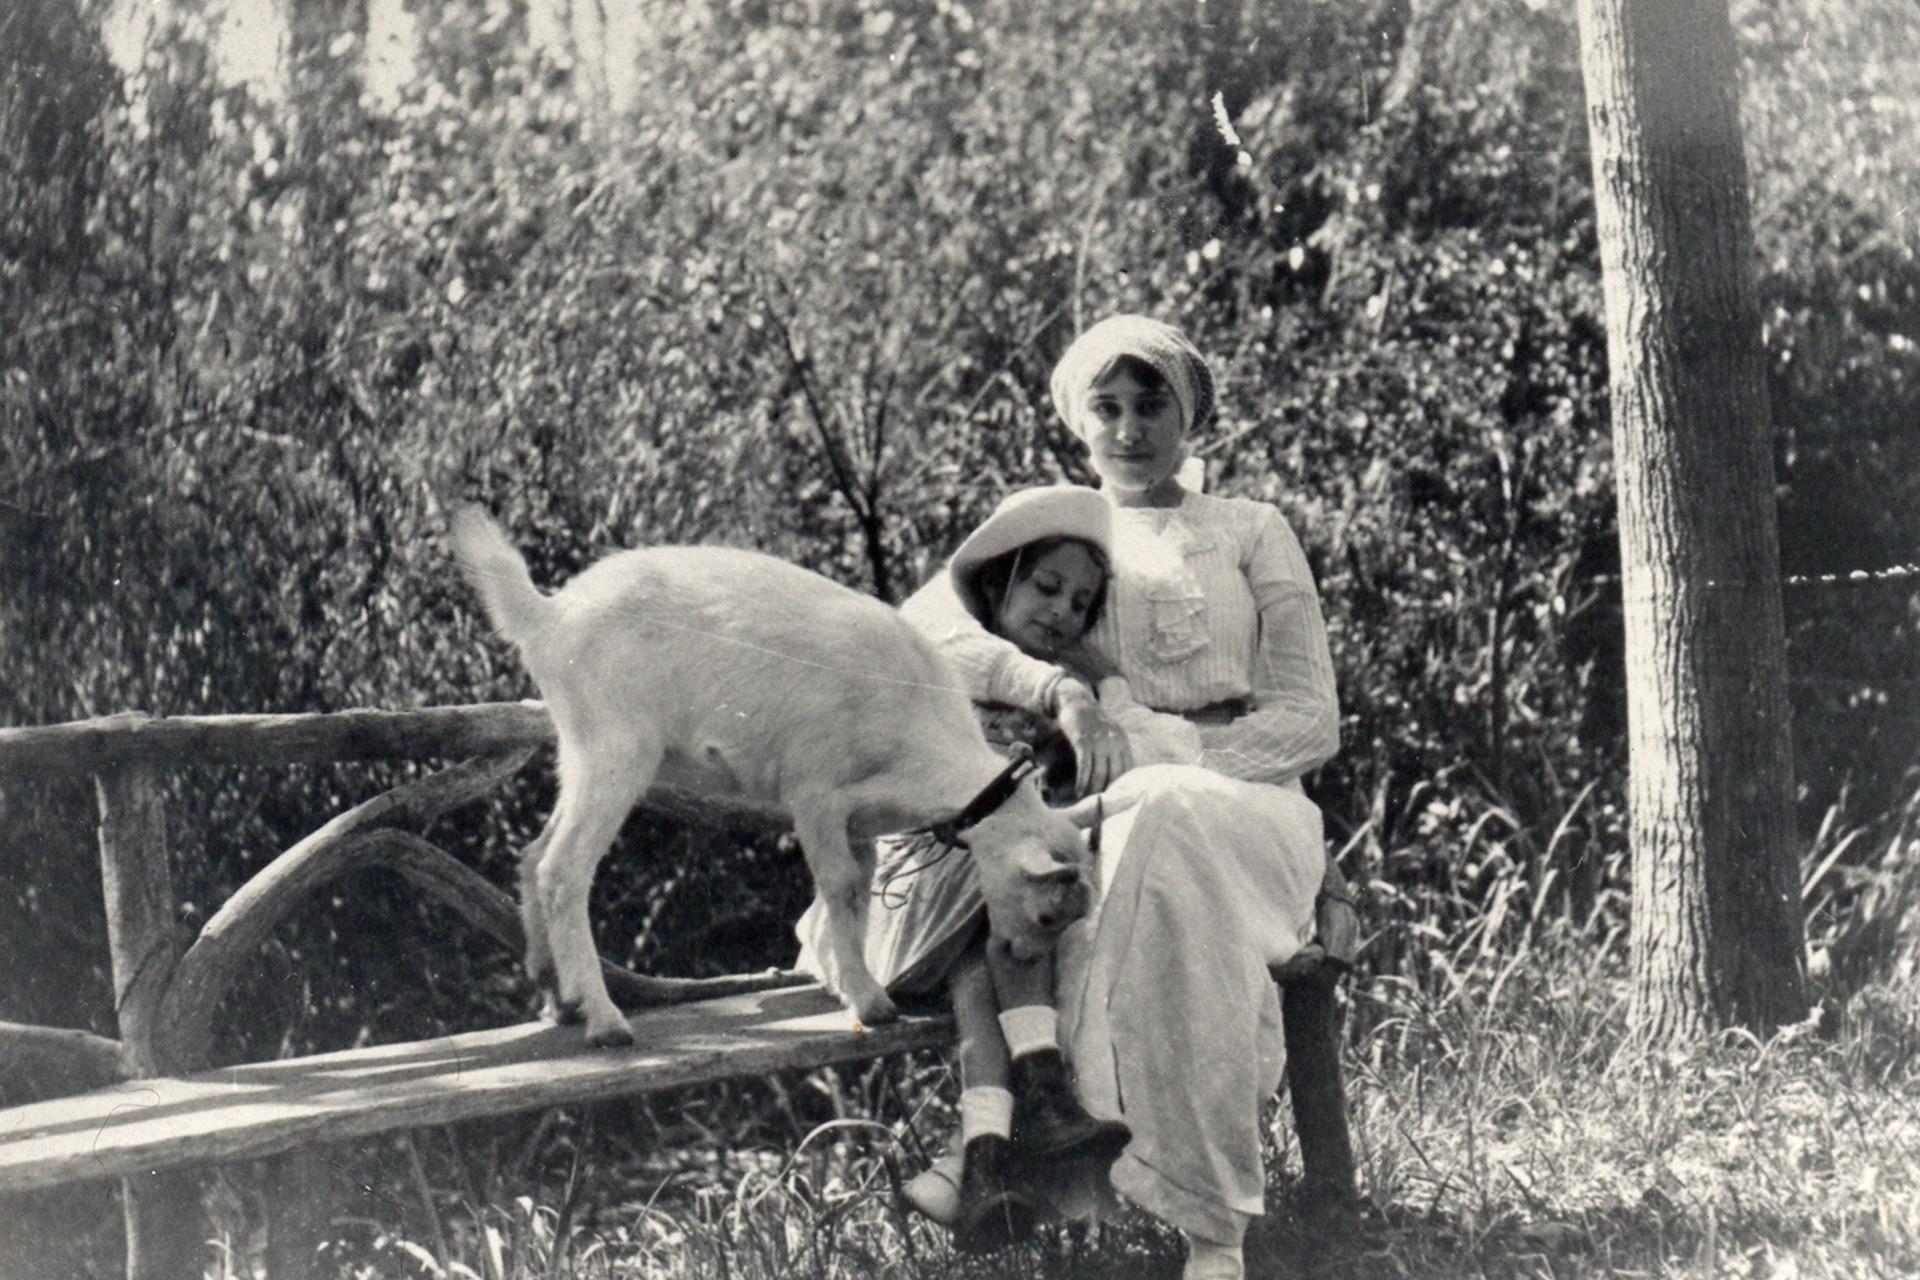 Durante uno de los veranos en Villa Ocampo, un gesto amoroso entre Victoria y Silvina.  La mayor y la menor. Dos potencias literarias, cada una a su estilo.